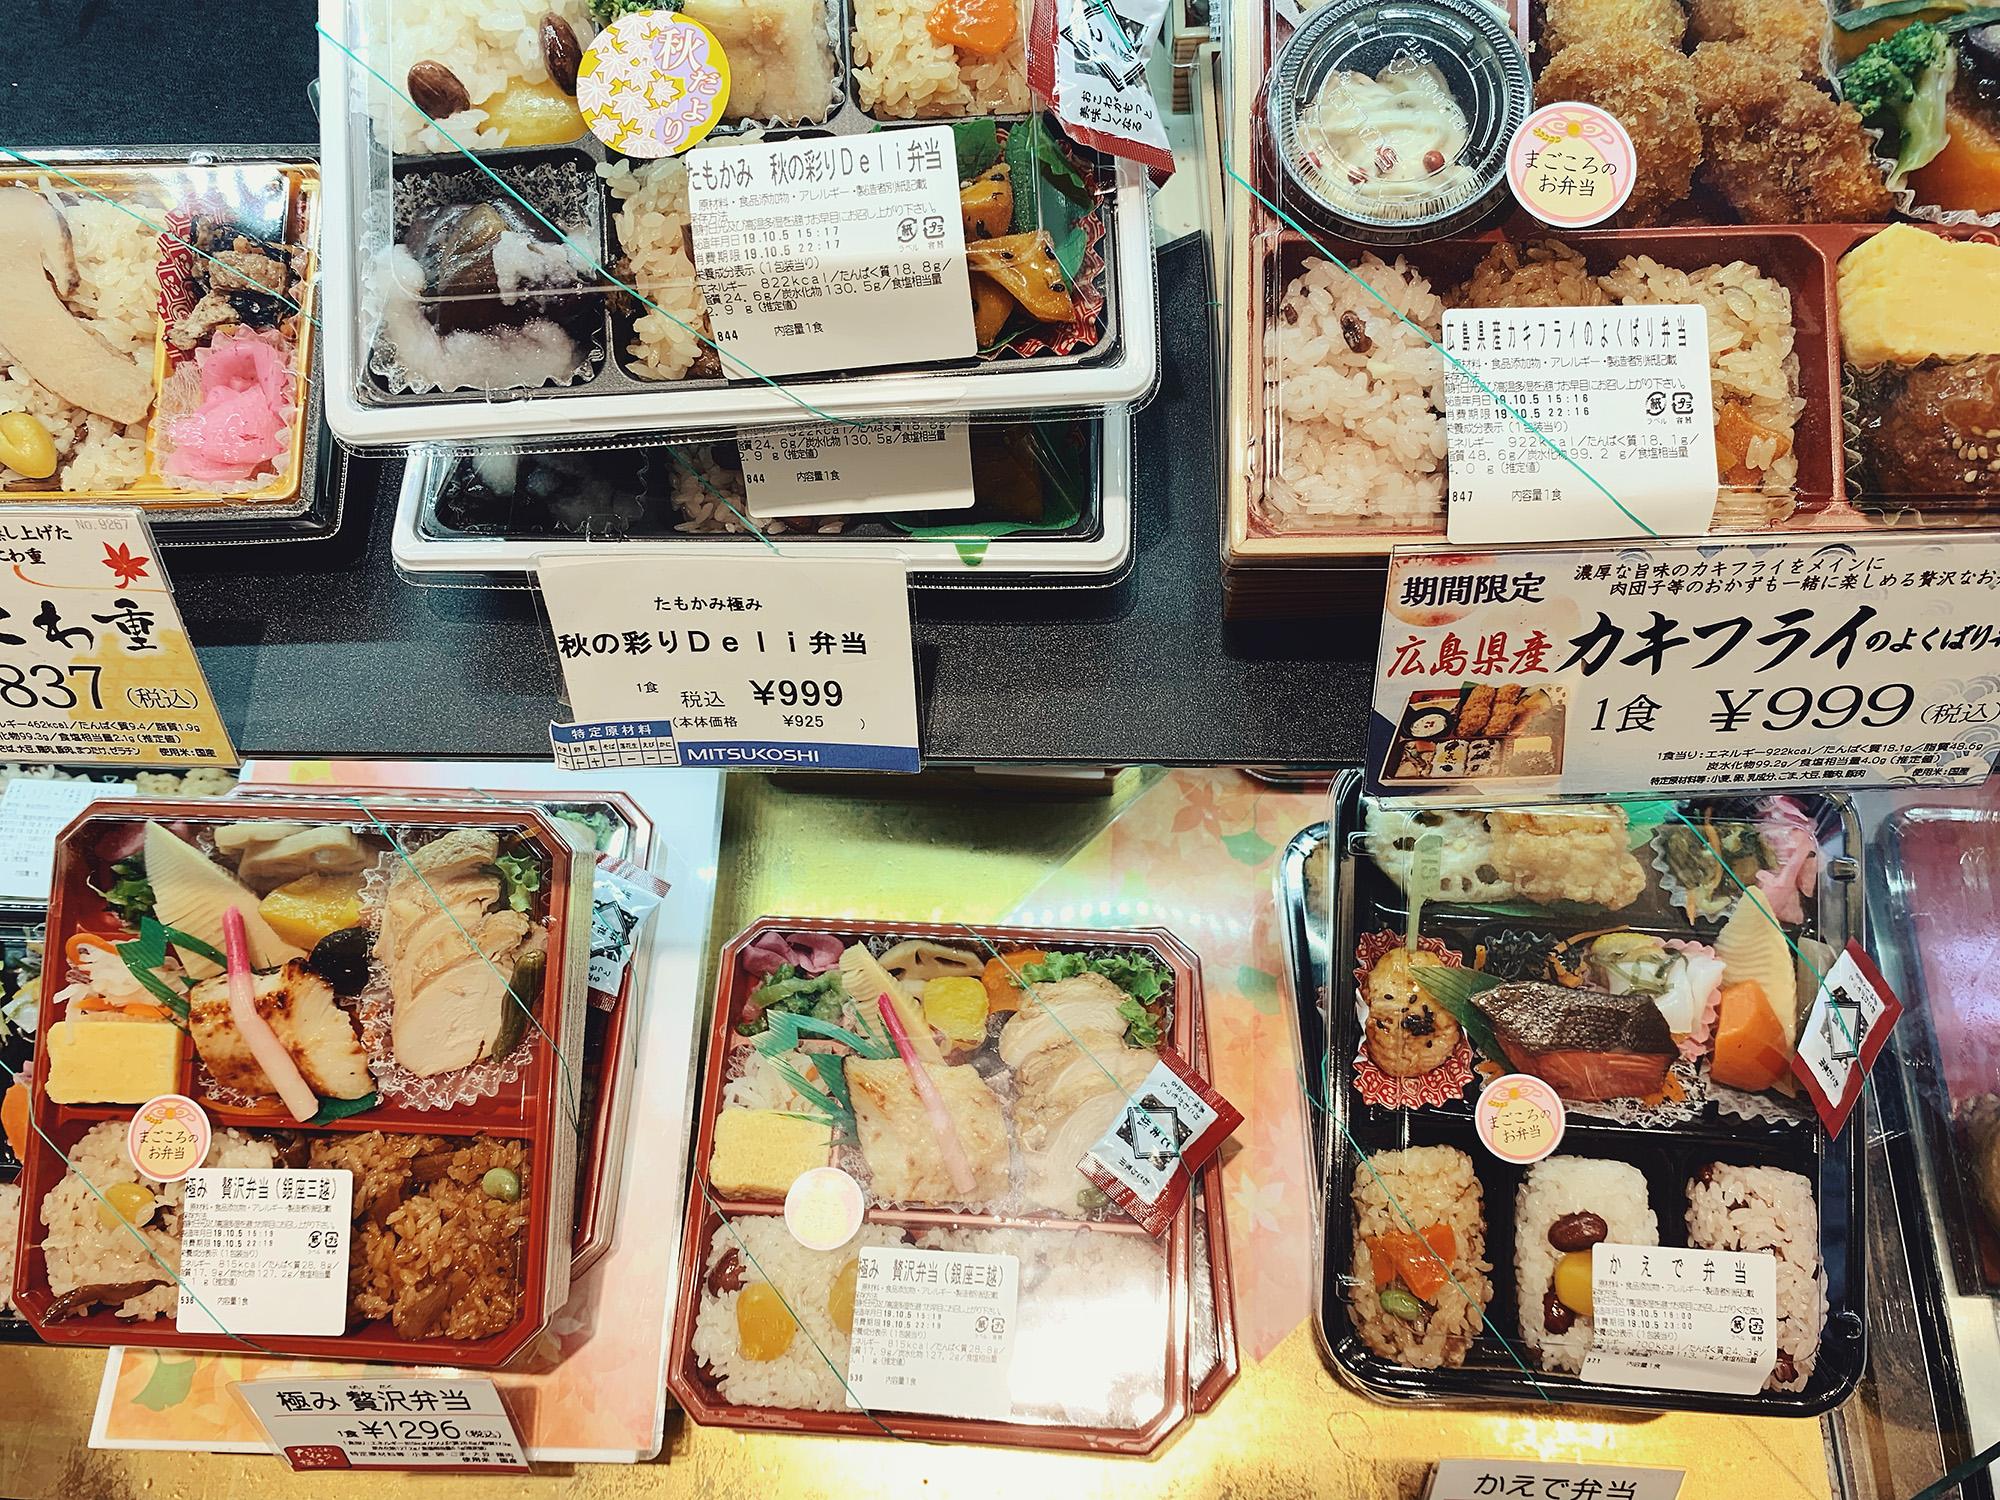 Bento boxes from the Mitsukoshi depachika